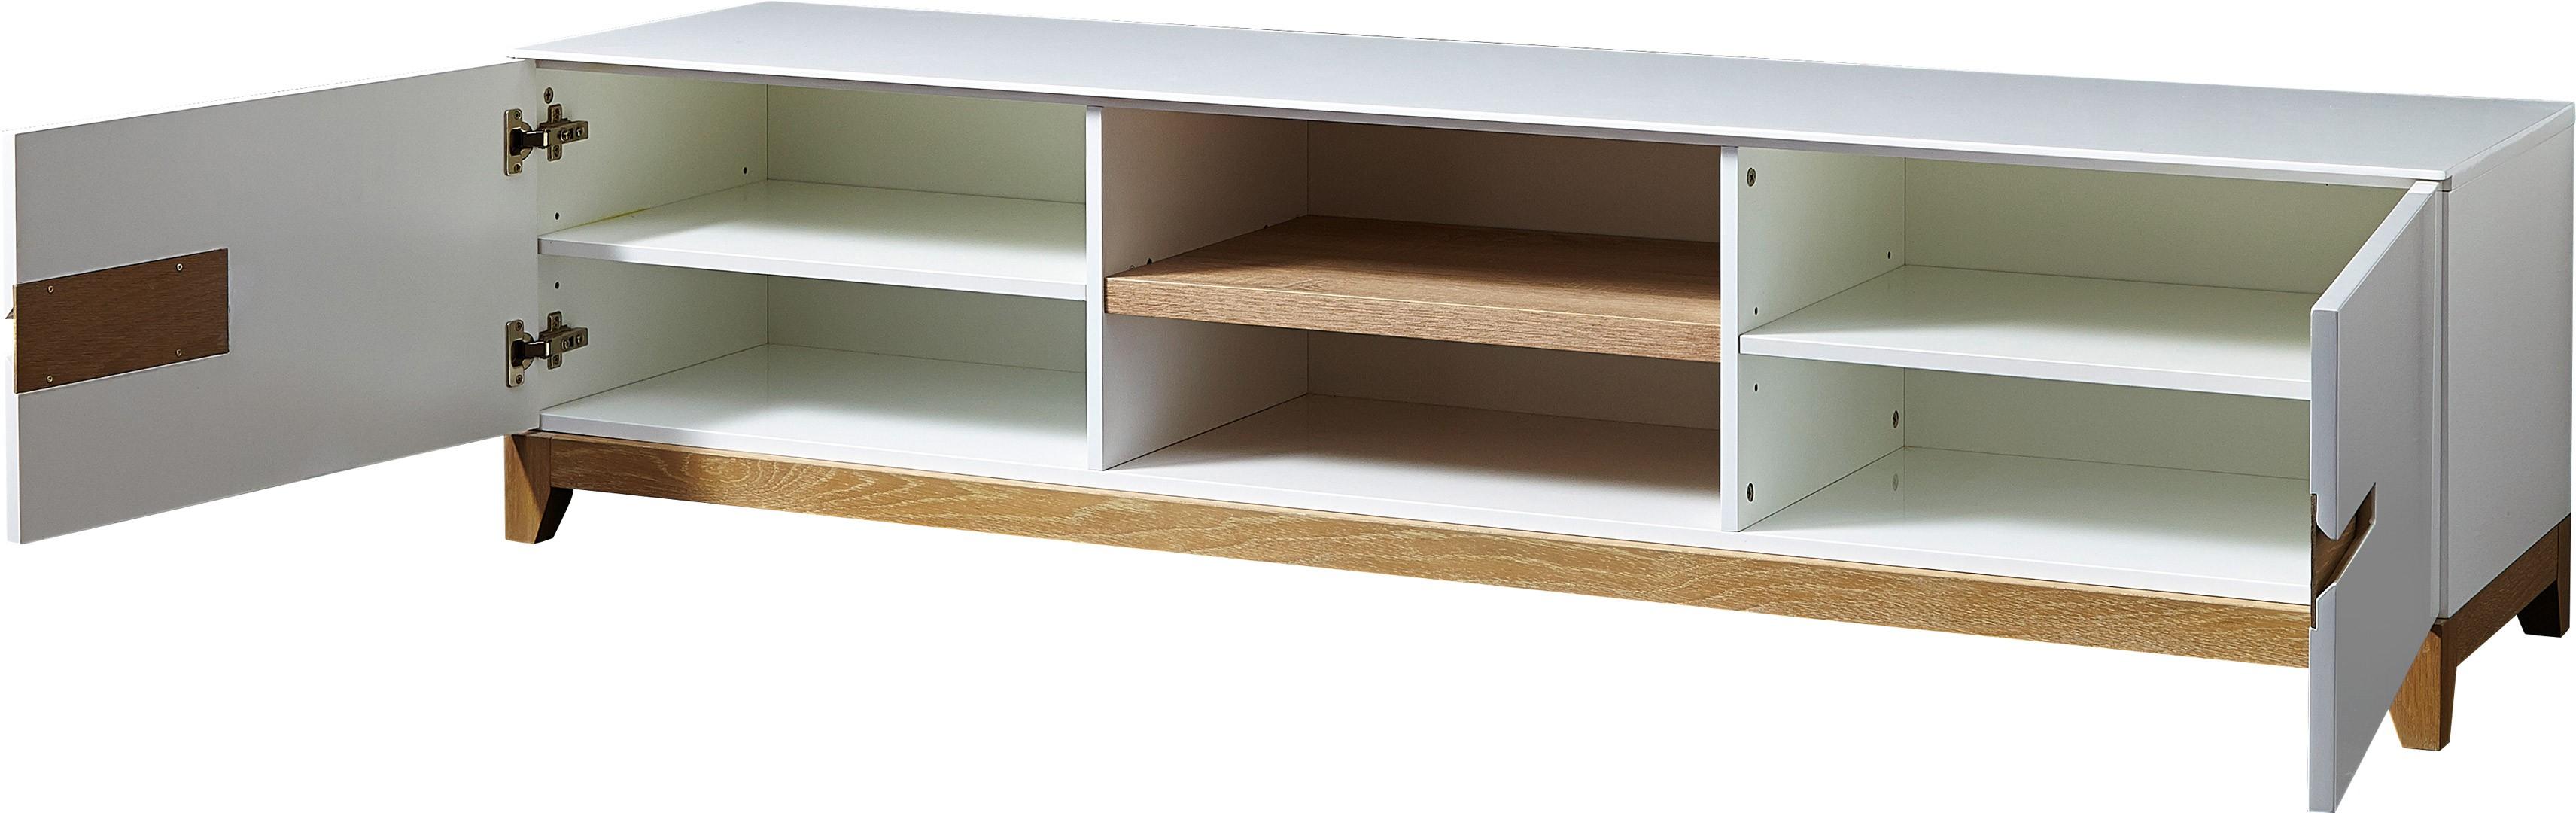 Meuble Tv Laque Blanc Et Chene Maison Et Mobilier D Int Rieur # Meuble Tv Blanc Et Bois Pas Cher